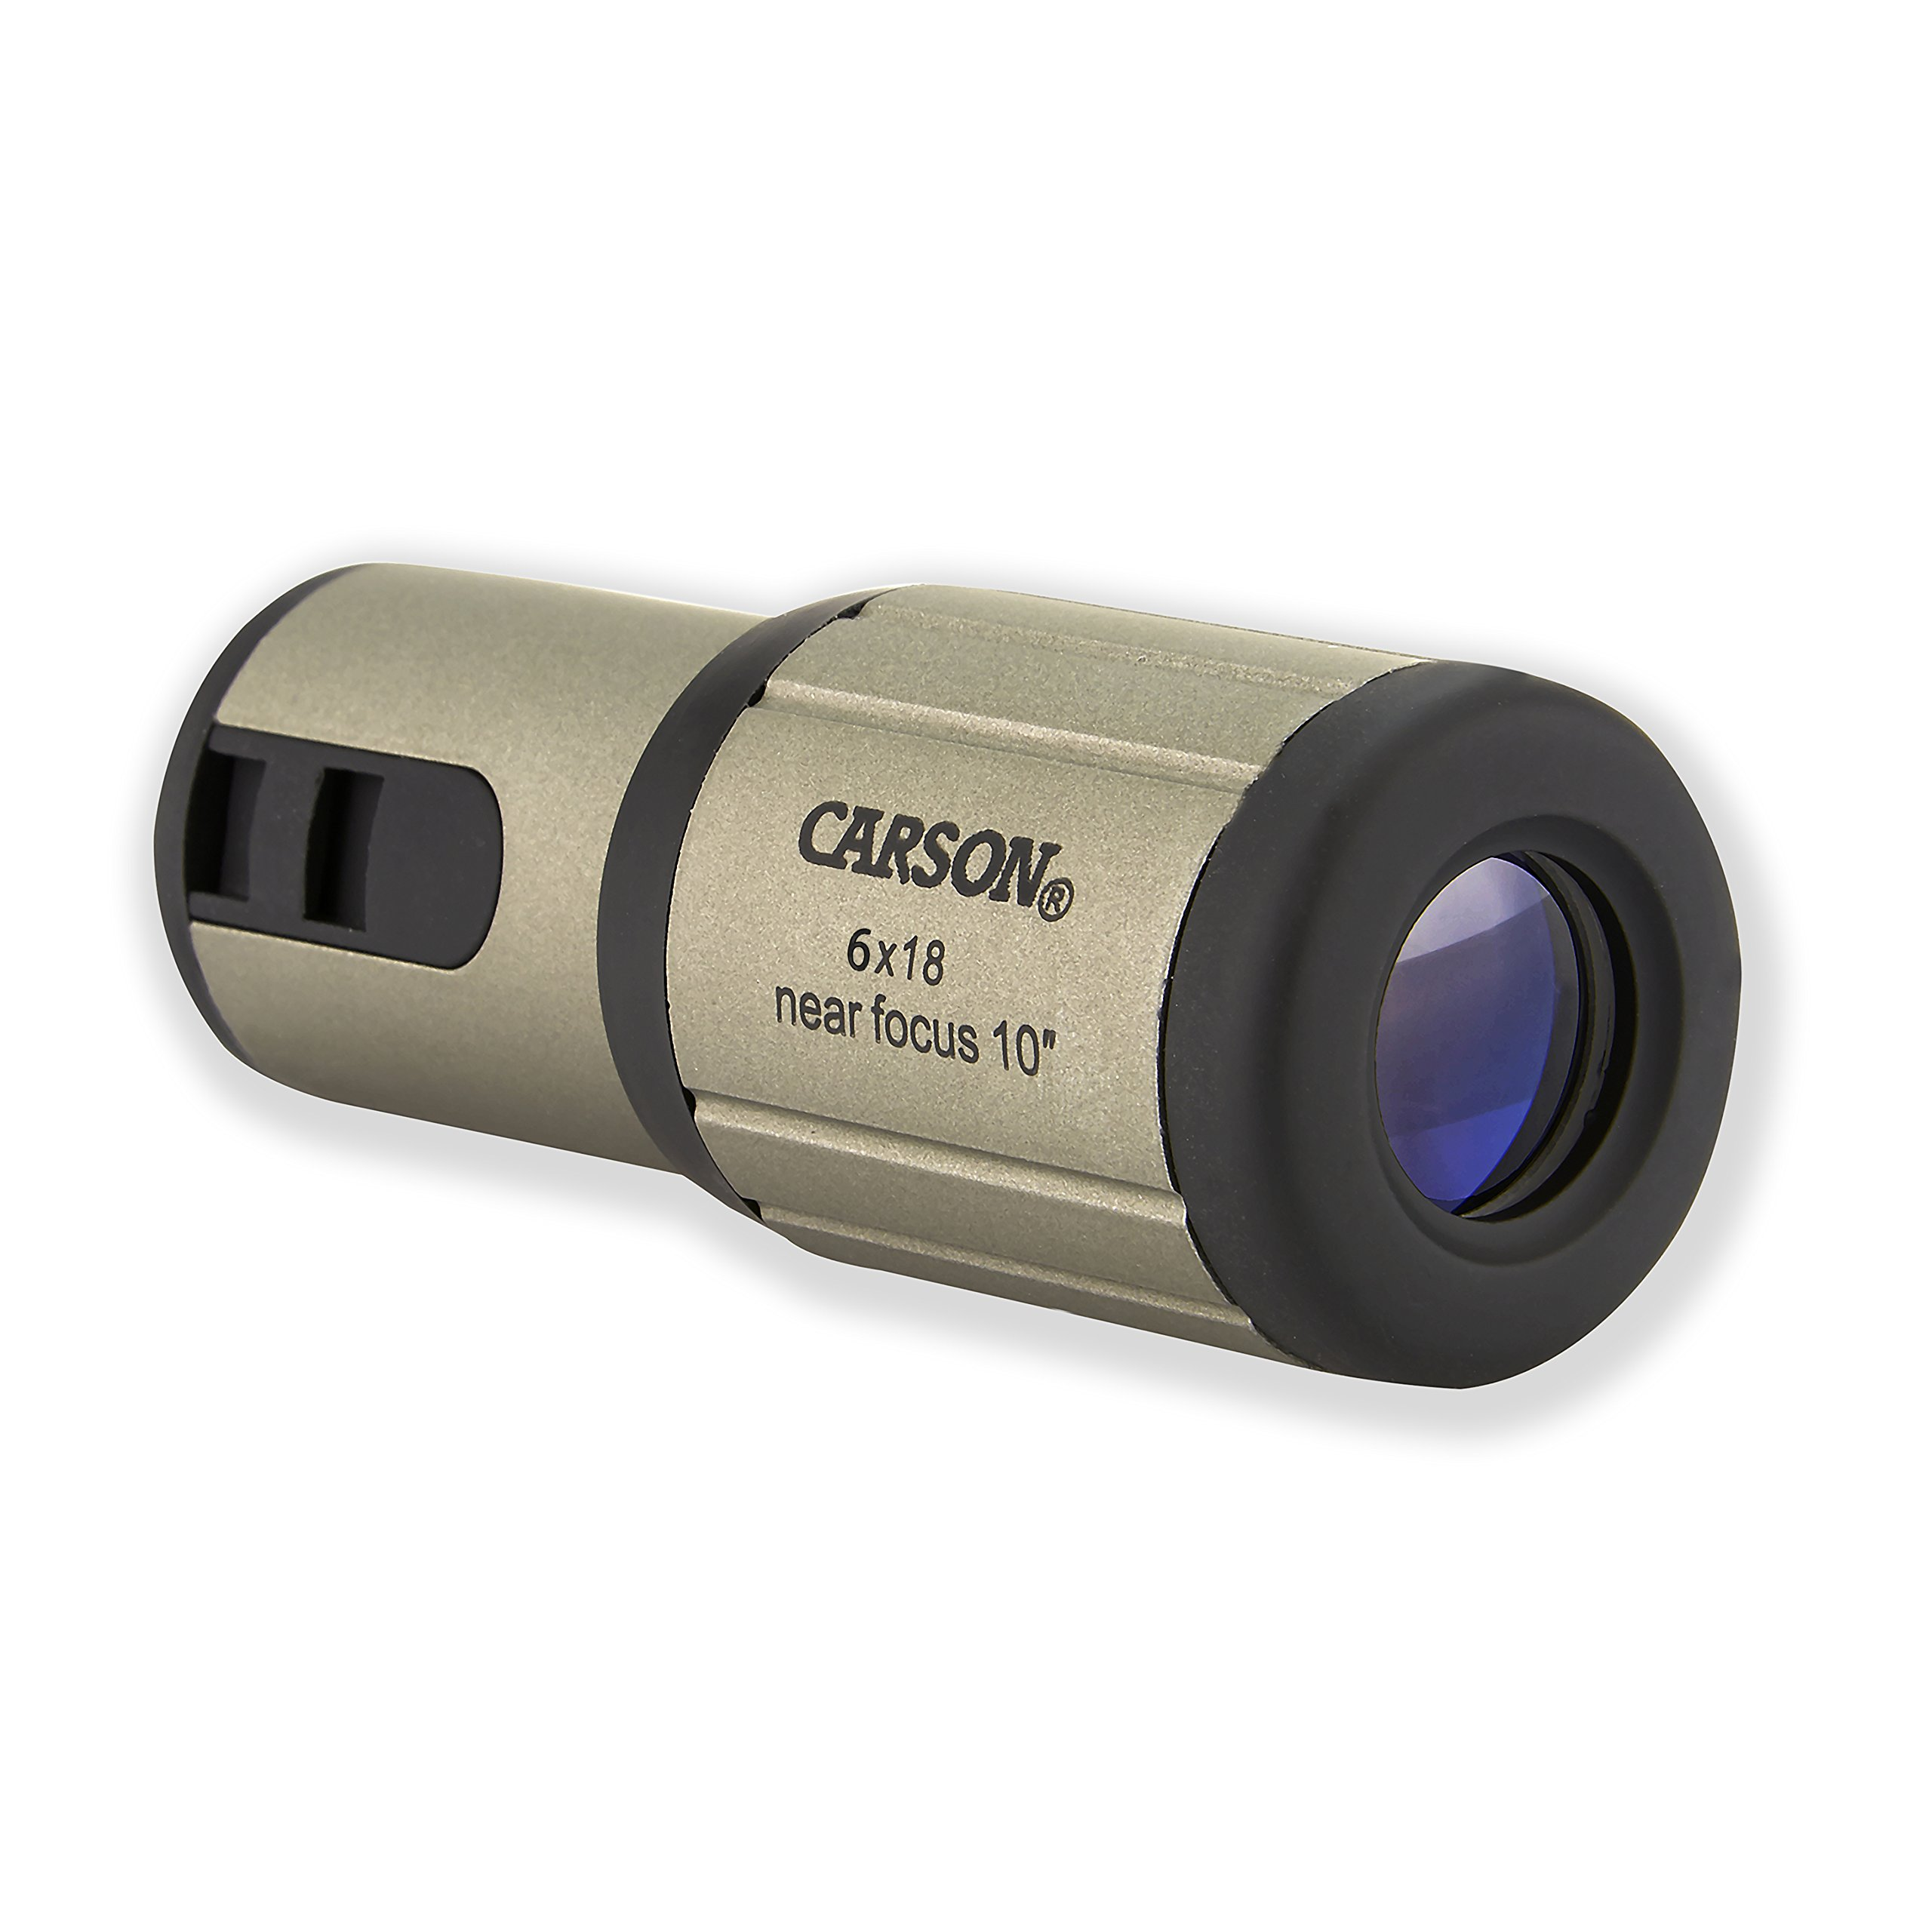 Carson CloseUp 6x18mm Close-Focus Monocular (CF-718) by Carson